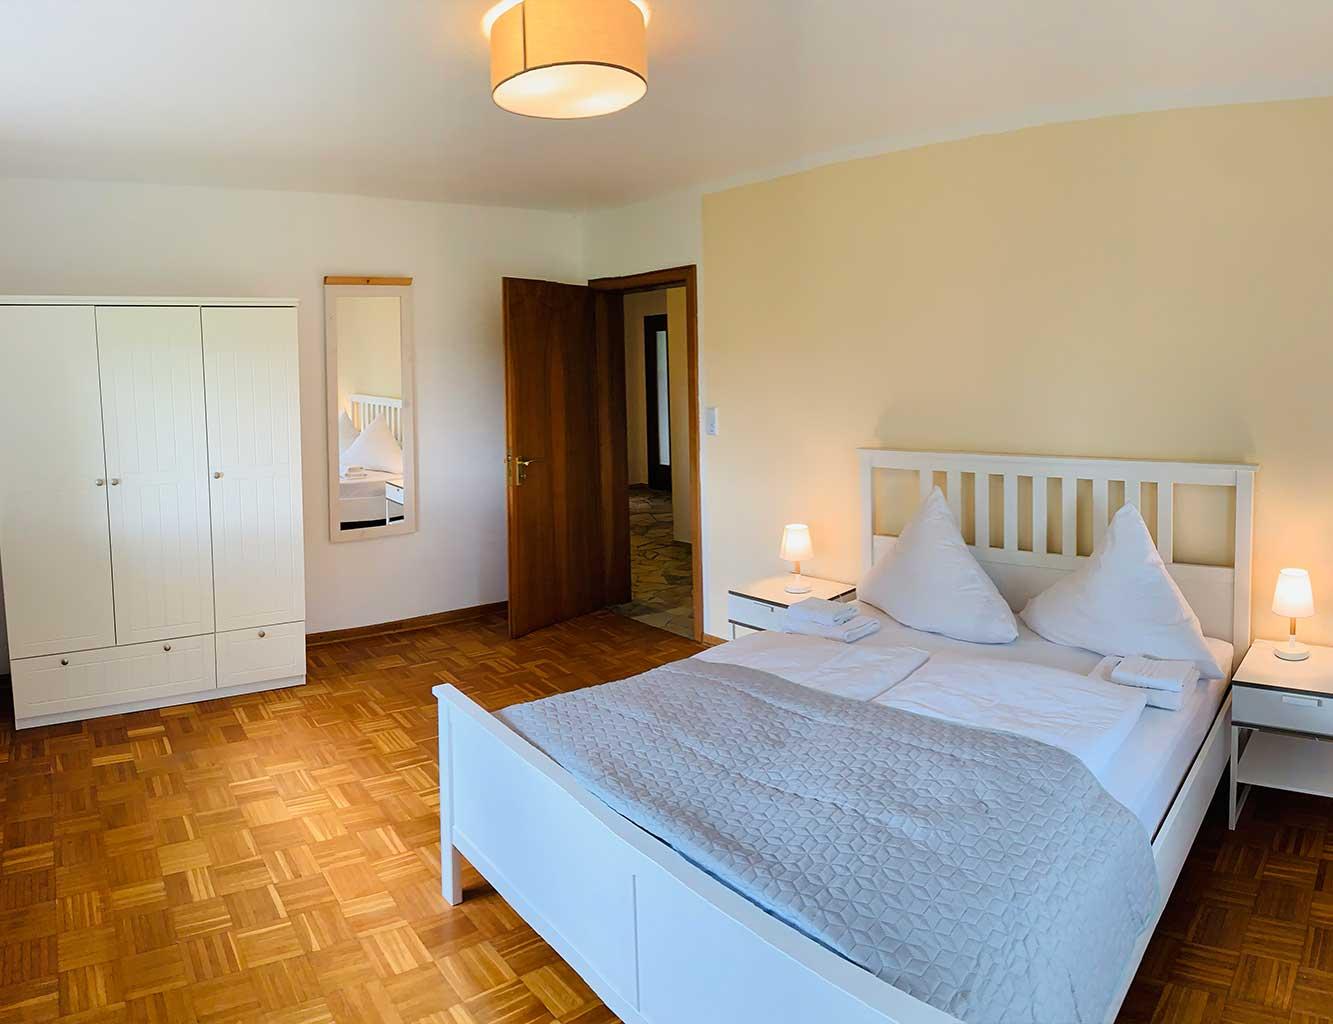 Hotel-Fährhaus-Kirschenland-Ferienwohnung-Erdgeschoss-Schlafzimmer-2